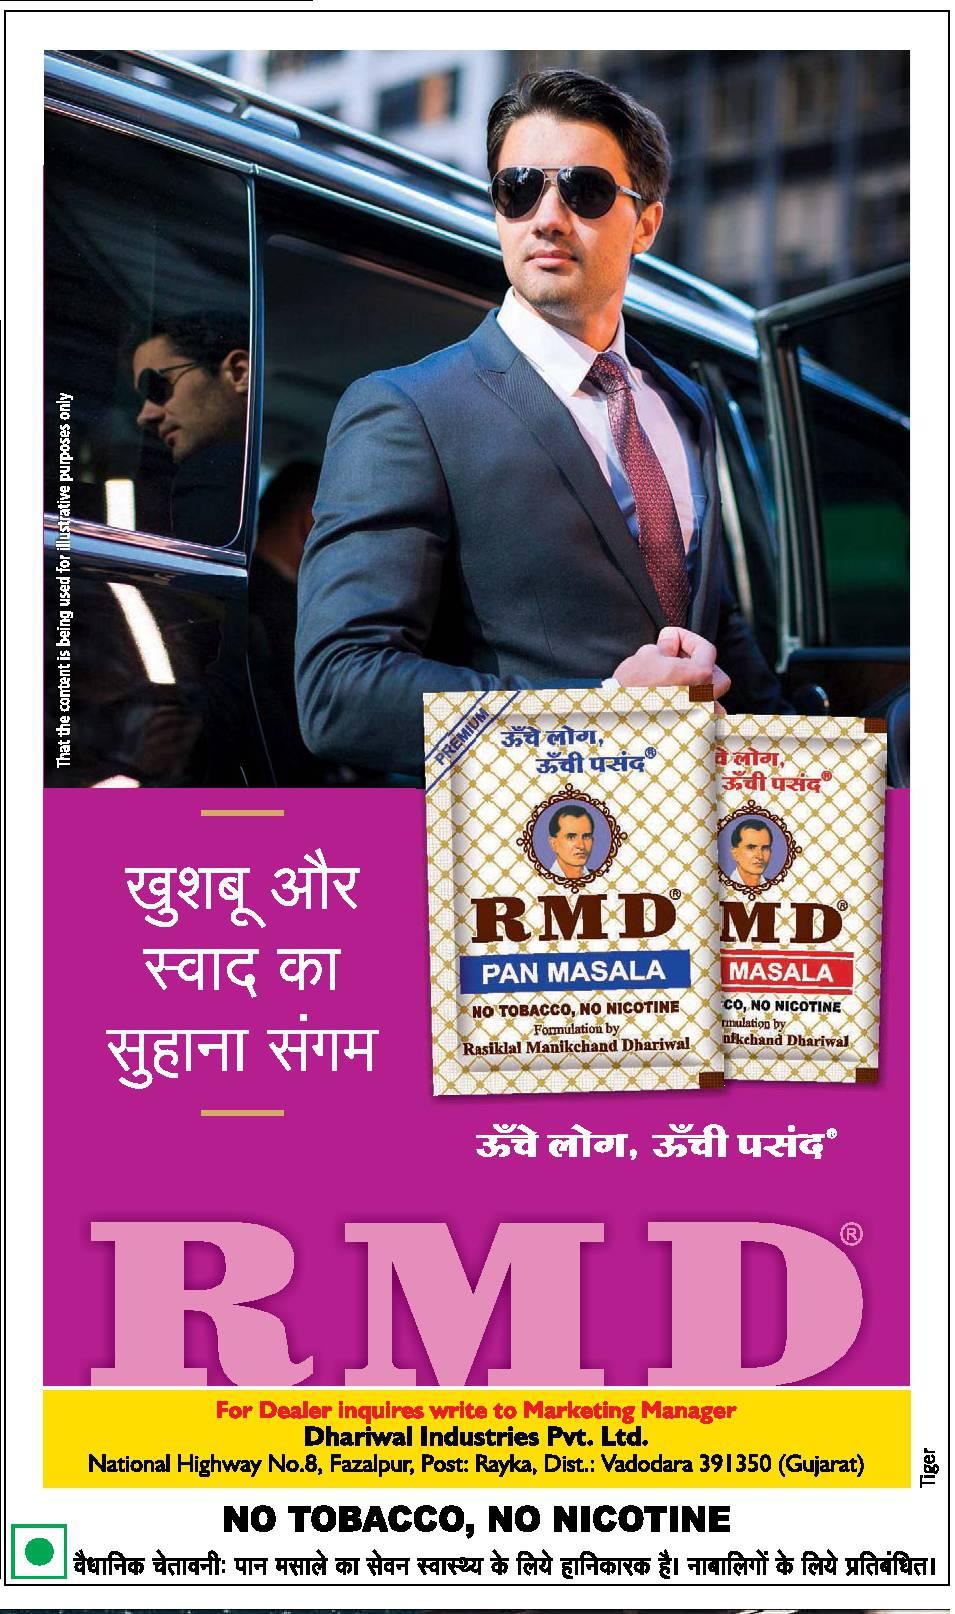 Dhariwal Industries Pvt Ltd Rmd Pan Masala Ad - Advert Gallery